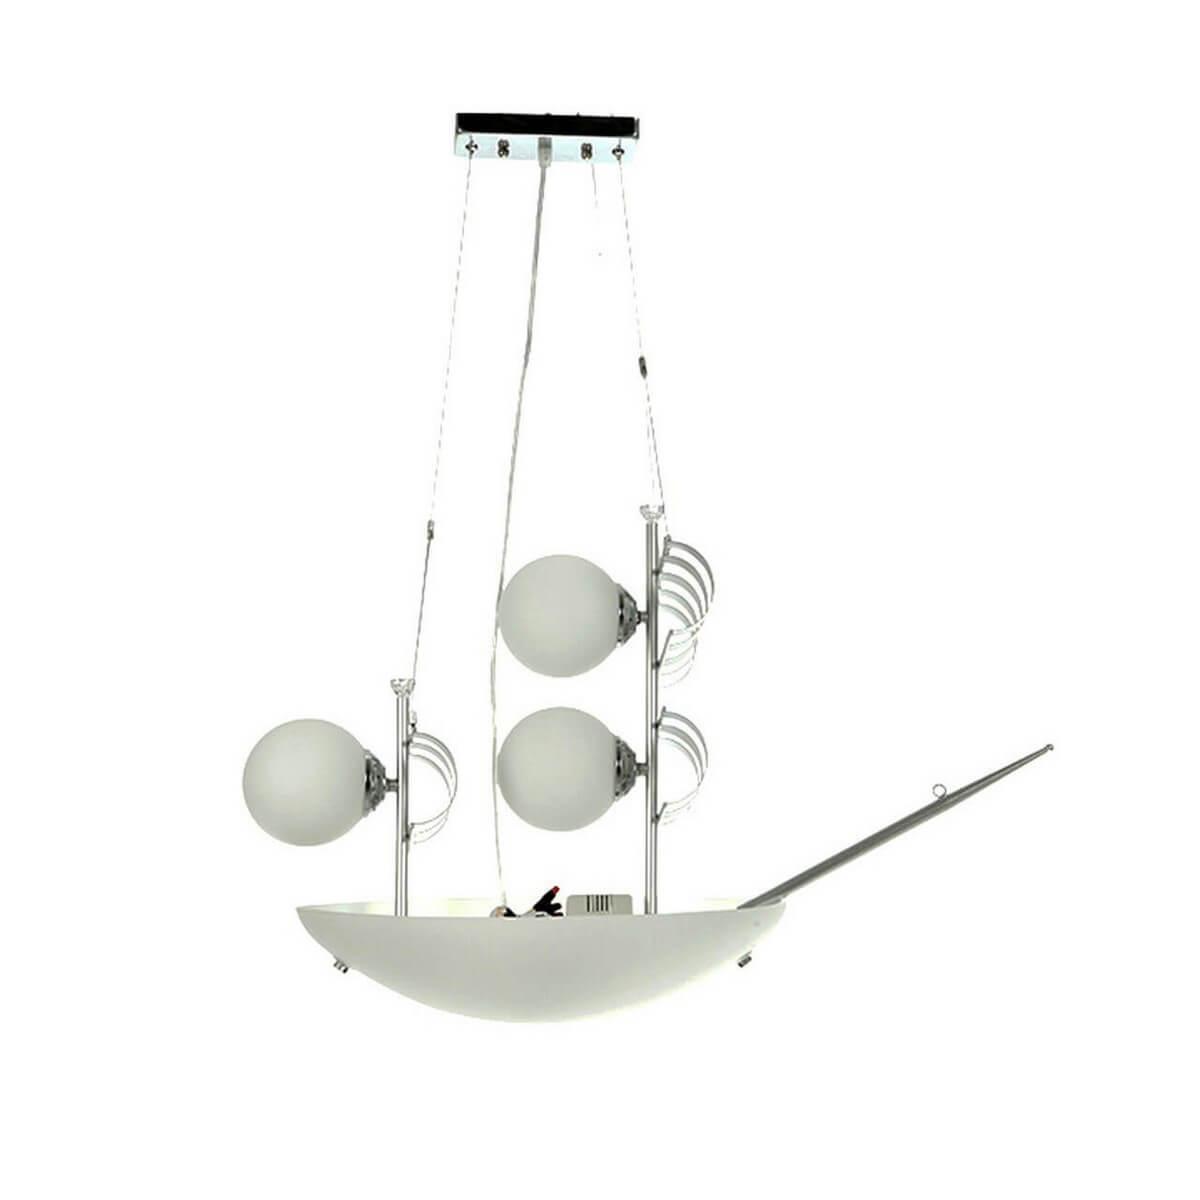 все цены на Подвесной светильник Kink Light 07422, E27, 40 Вт онлайн